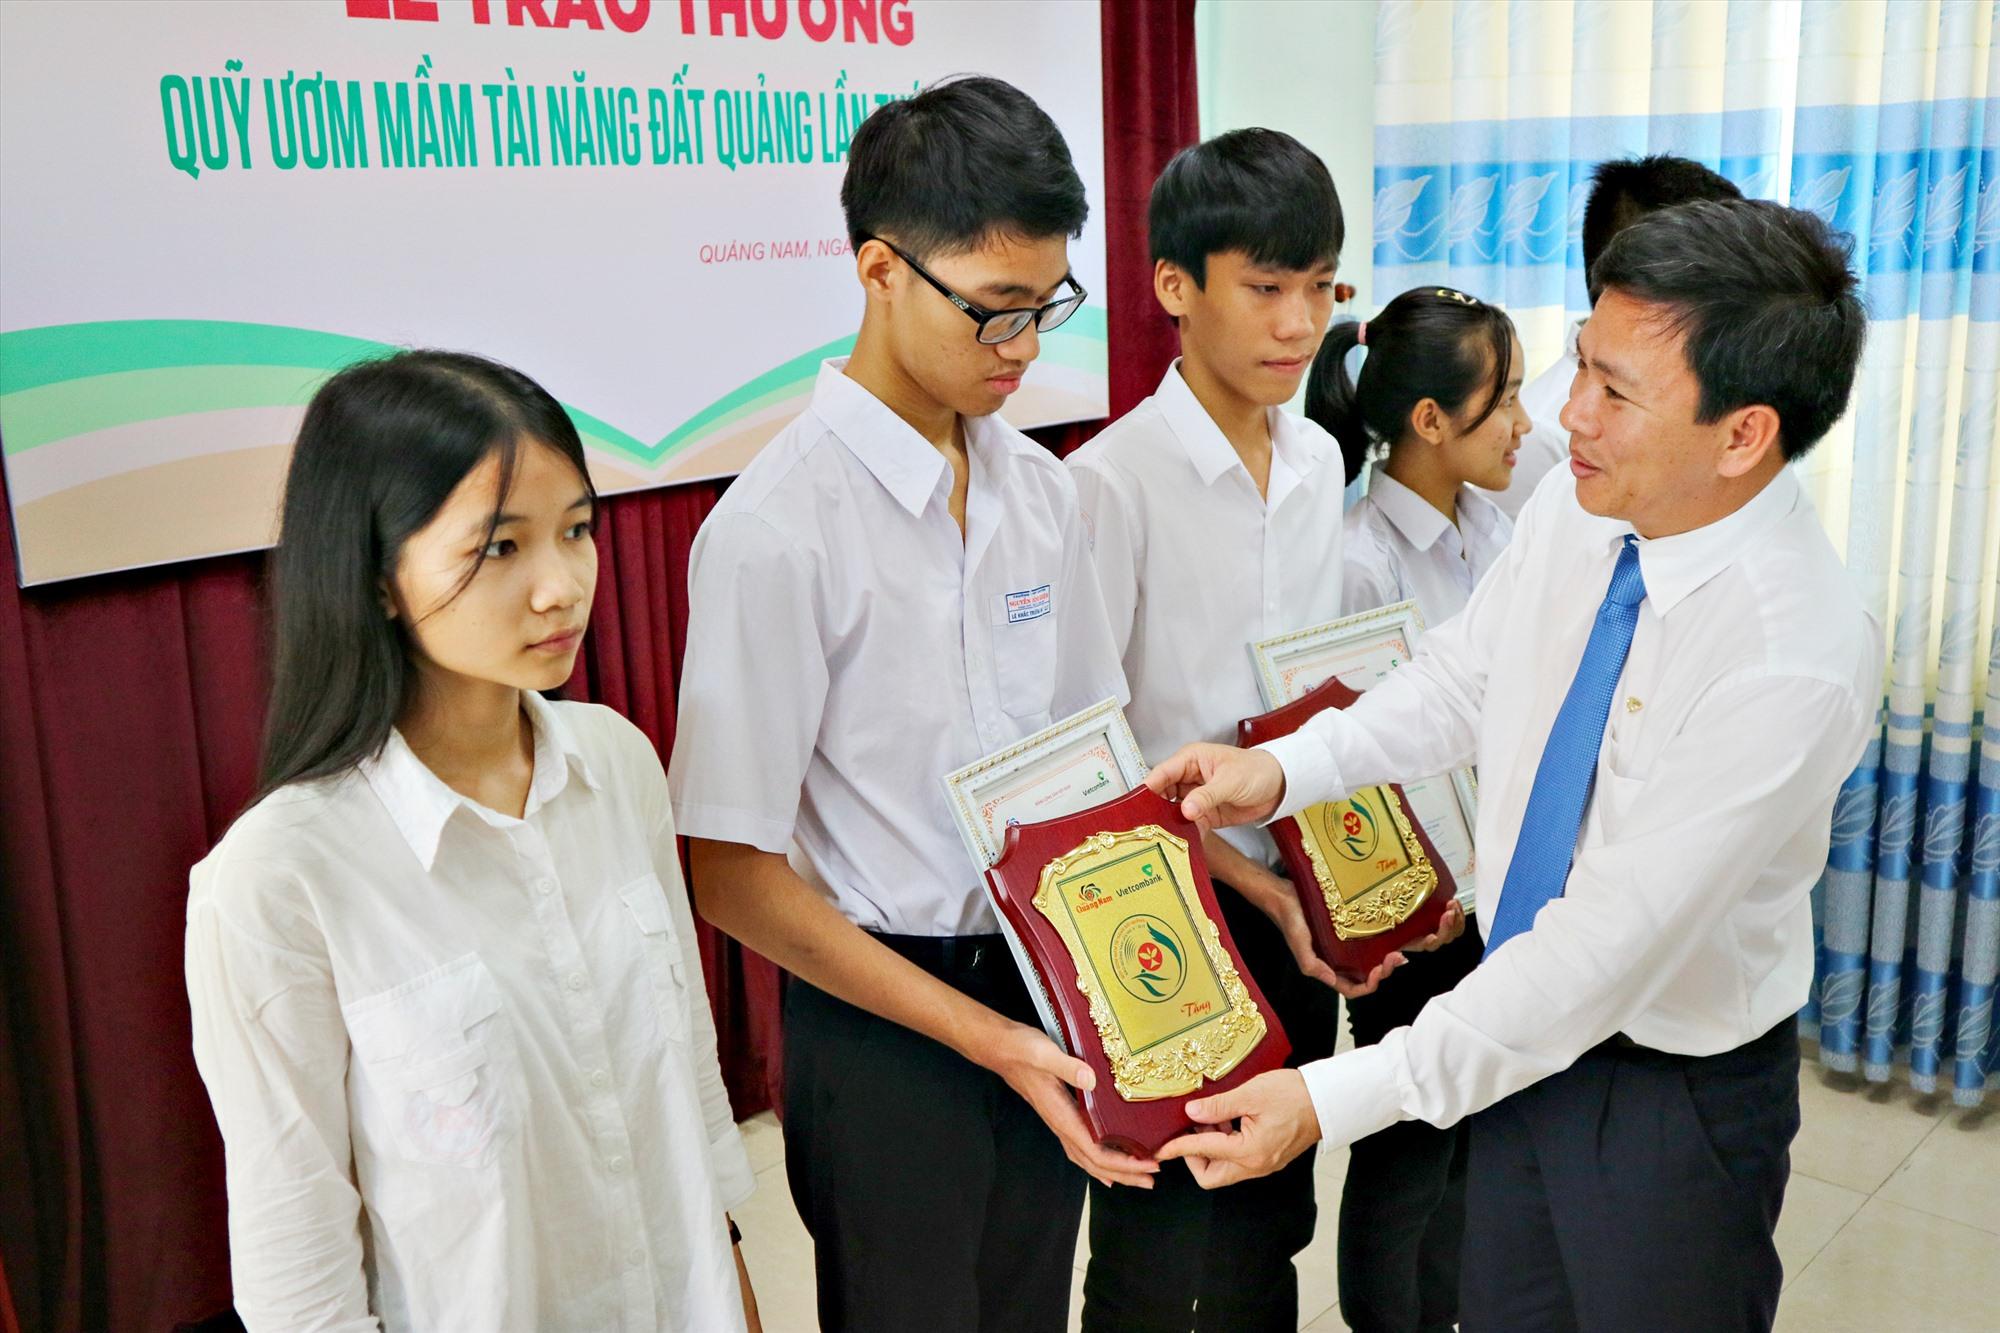 Ông Võ Văn Đức - Giám đốc Vietcombank Quảng Nam, đại diện nhà tài trợ trao tặng thưởng Quỹ ươm mầm tài năng đất Quảng năm 2019. Ảnh: PHƯƠNG THẢO